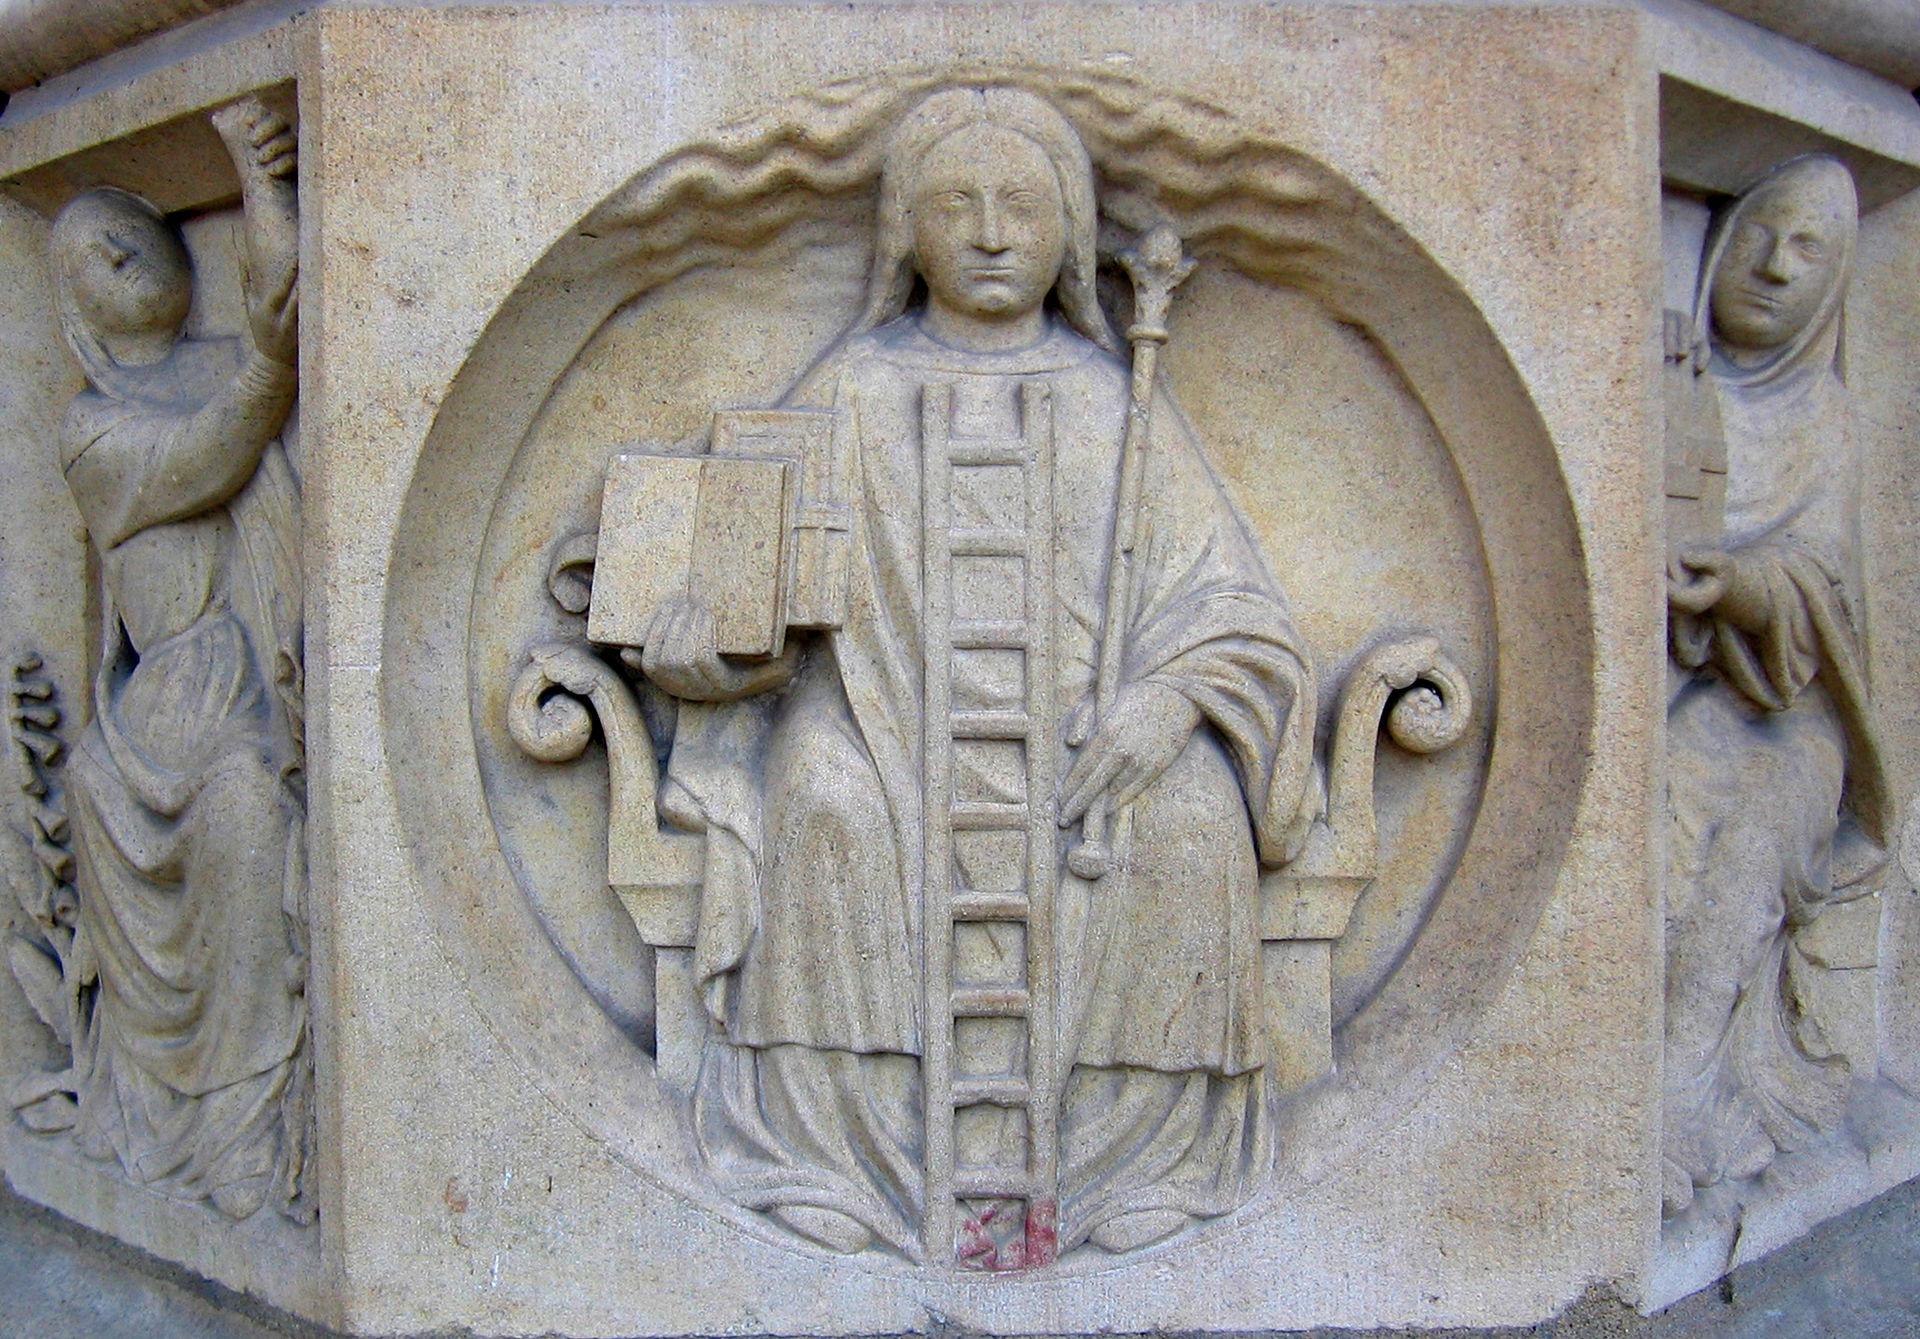 Alegoría_de_la_alquimia_en_Notre-Dame Alchemy Allegory Notre-Dame